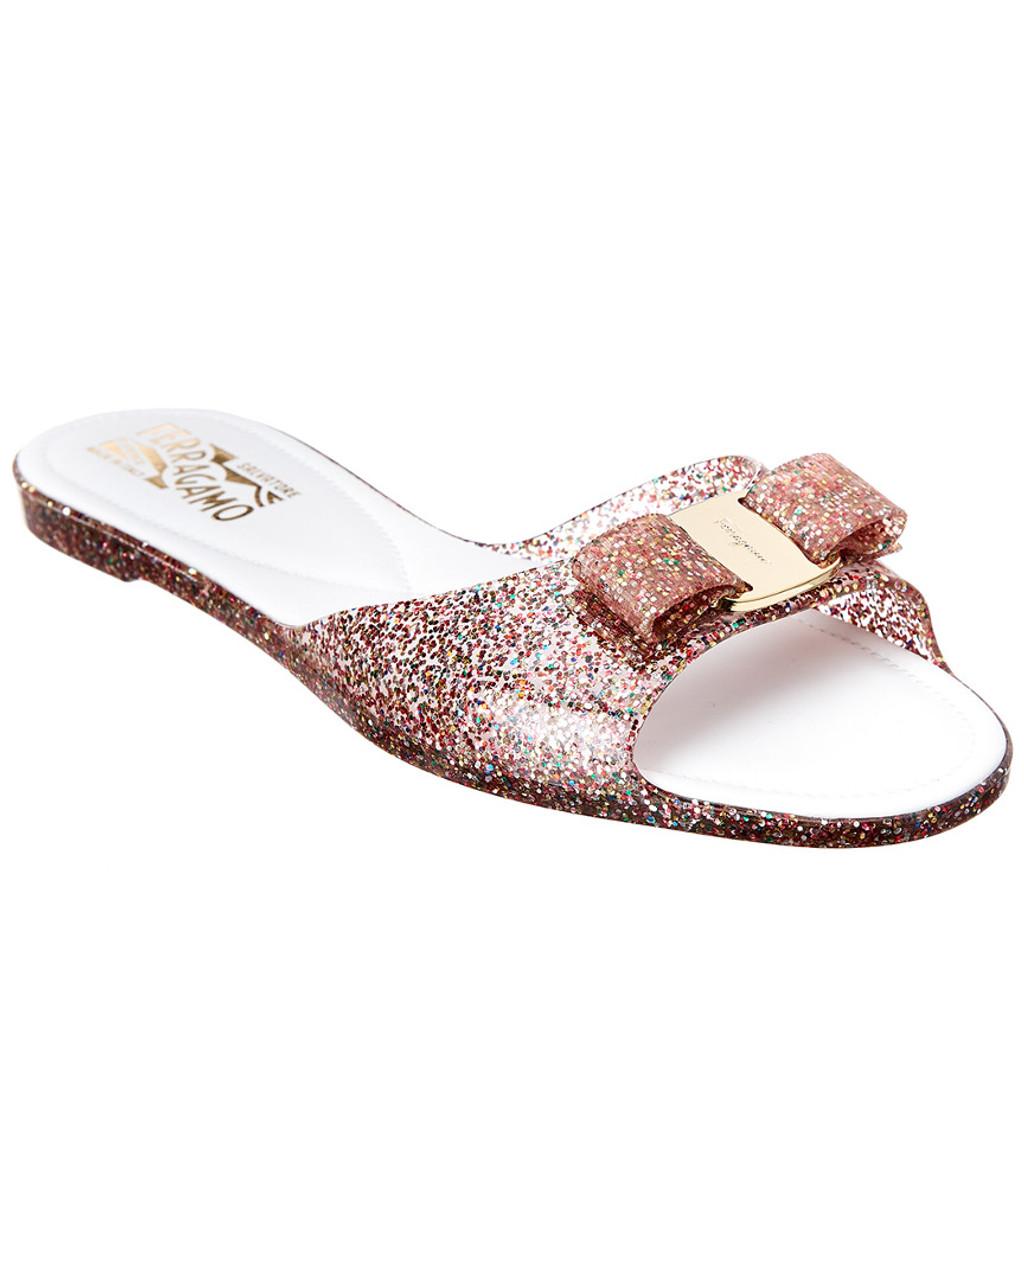 Salvatore Ferragamo Cirella Vara Glitter Jelly Slide Sandal 1313258352